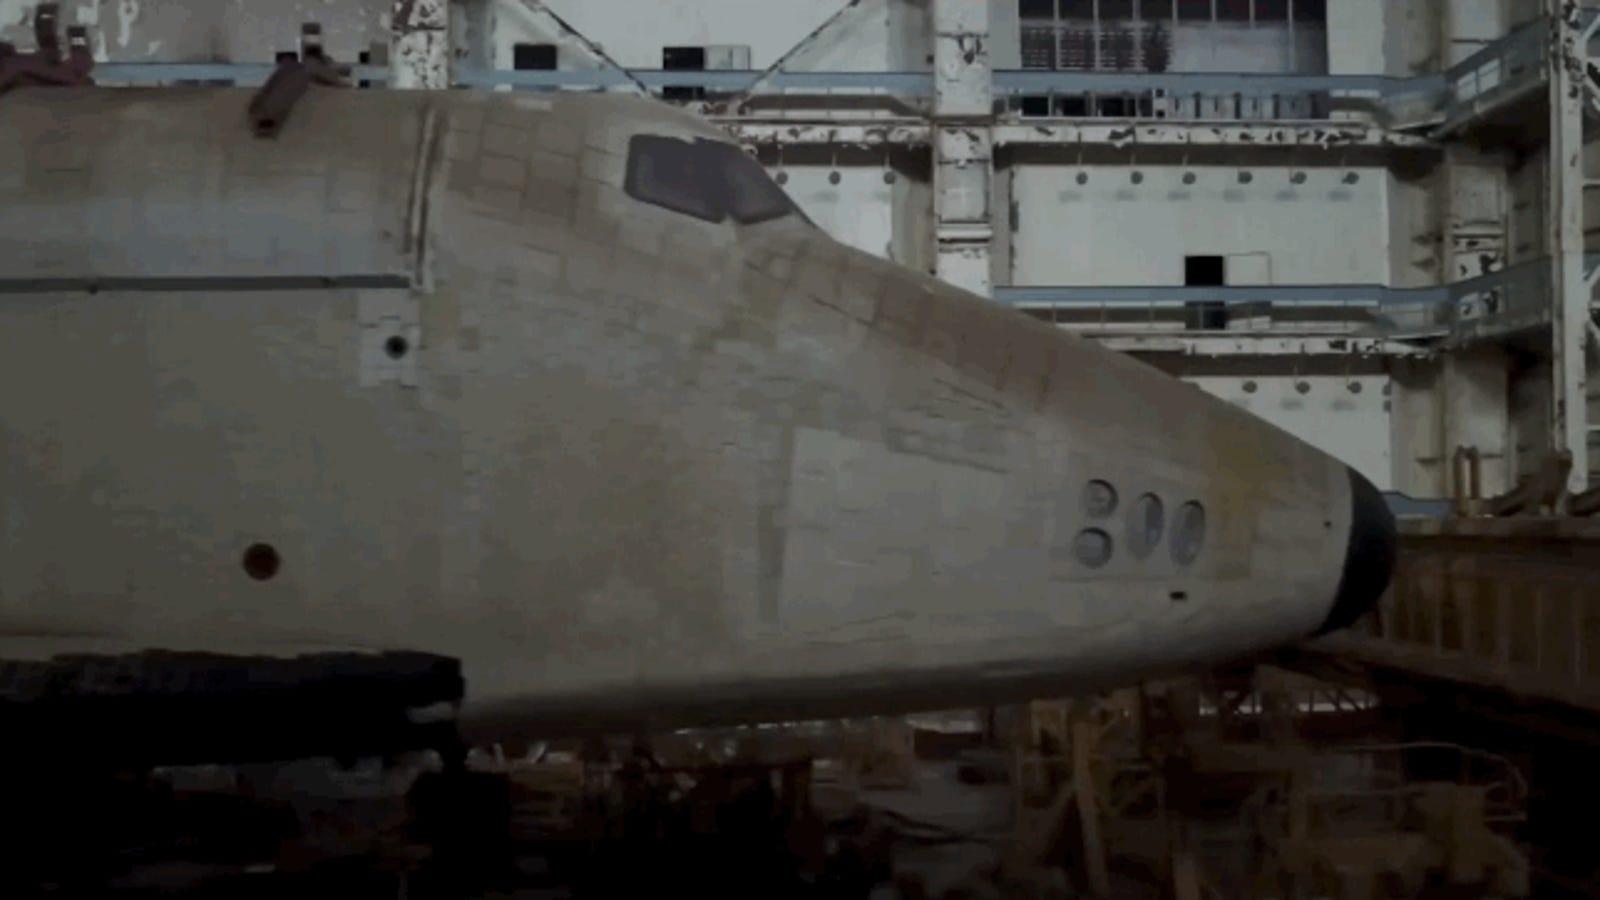 Se cuelan en un cosmódromo ruso para grabar este brutal vídeo de un transbordador espacial abandonado